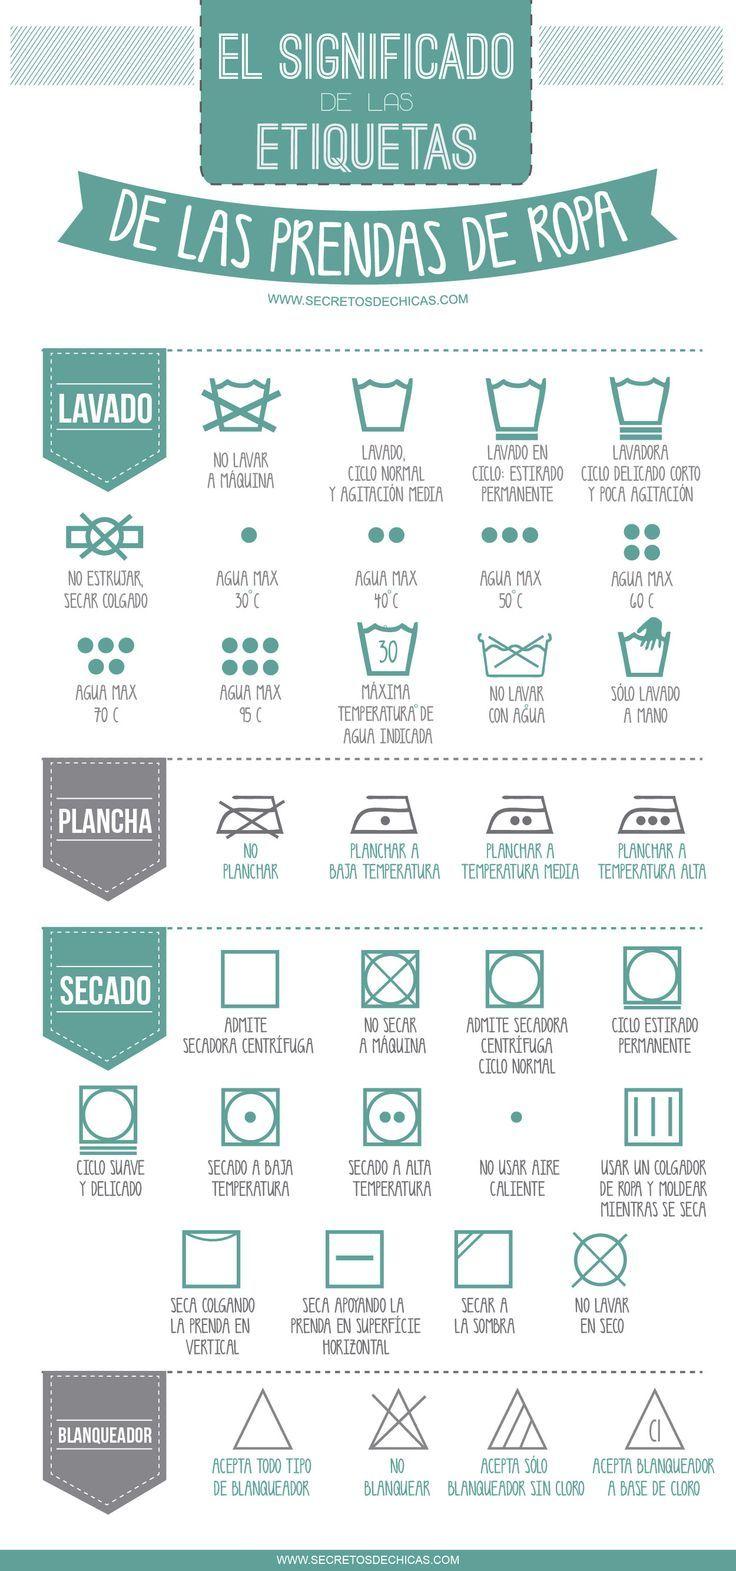 ¡No la líes! Lava la ropa siguiendo las indicaciones de la etiqueta :-) http://www.limpiezasexpress.com/trucos-de-limpieza/el-significado-de-las-etiquetas-de-lavado-de-ropa